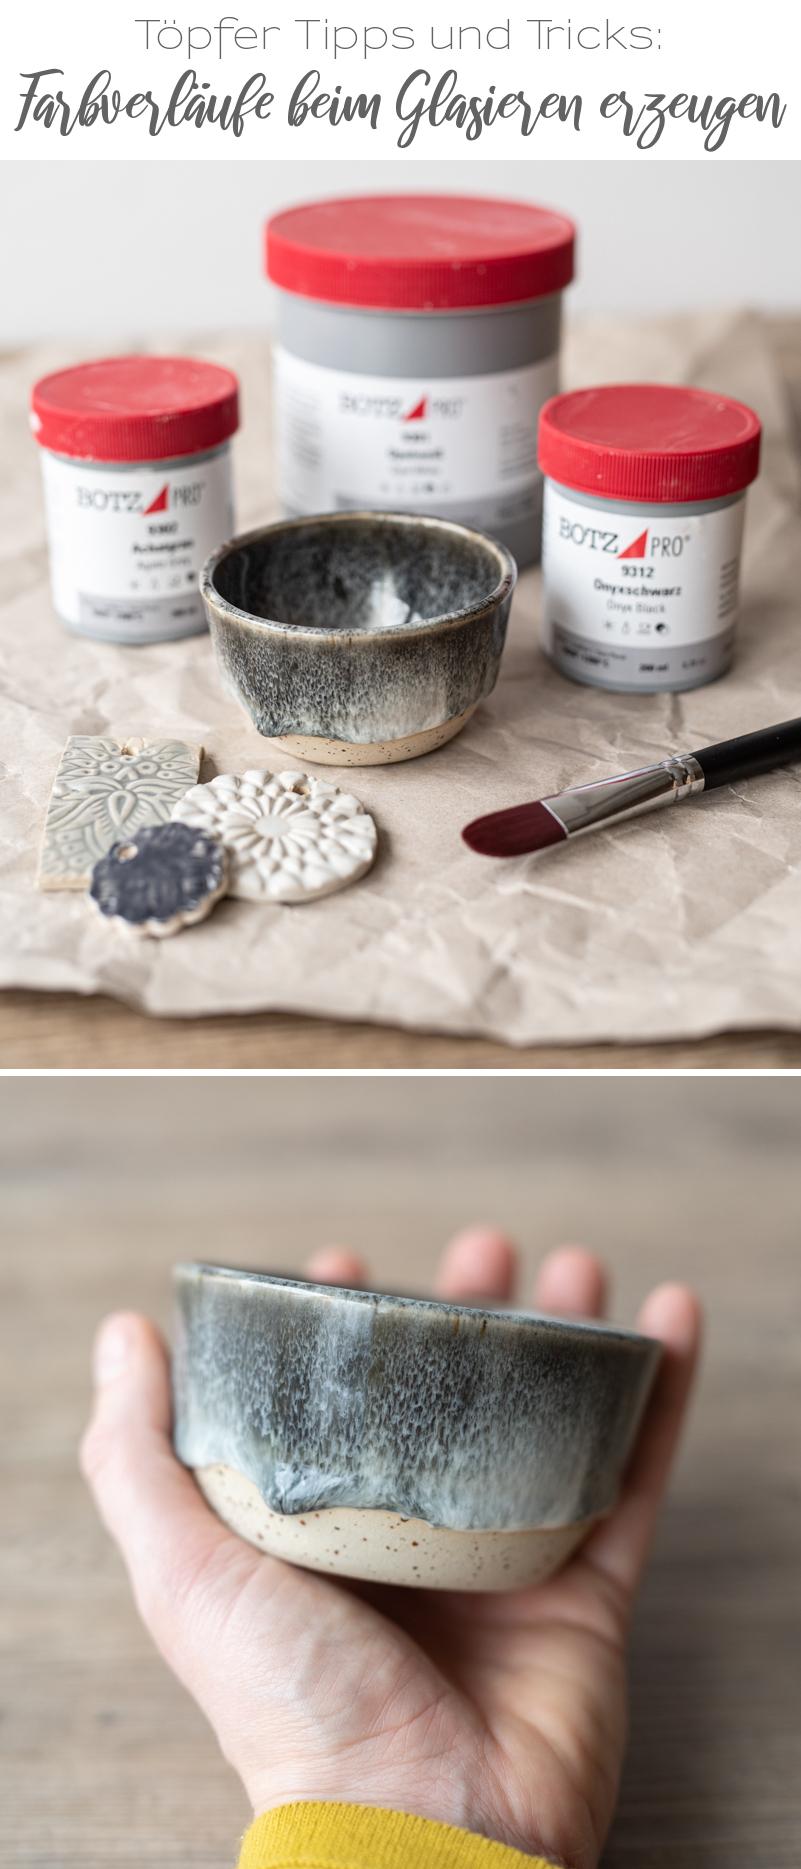 Tipps und Tricks beim Töpfern und Glasieren von Farbverläufen mit Glasuren von Botz